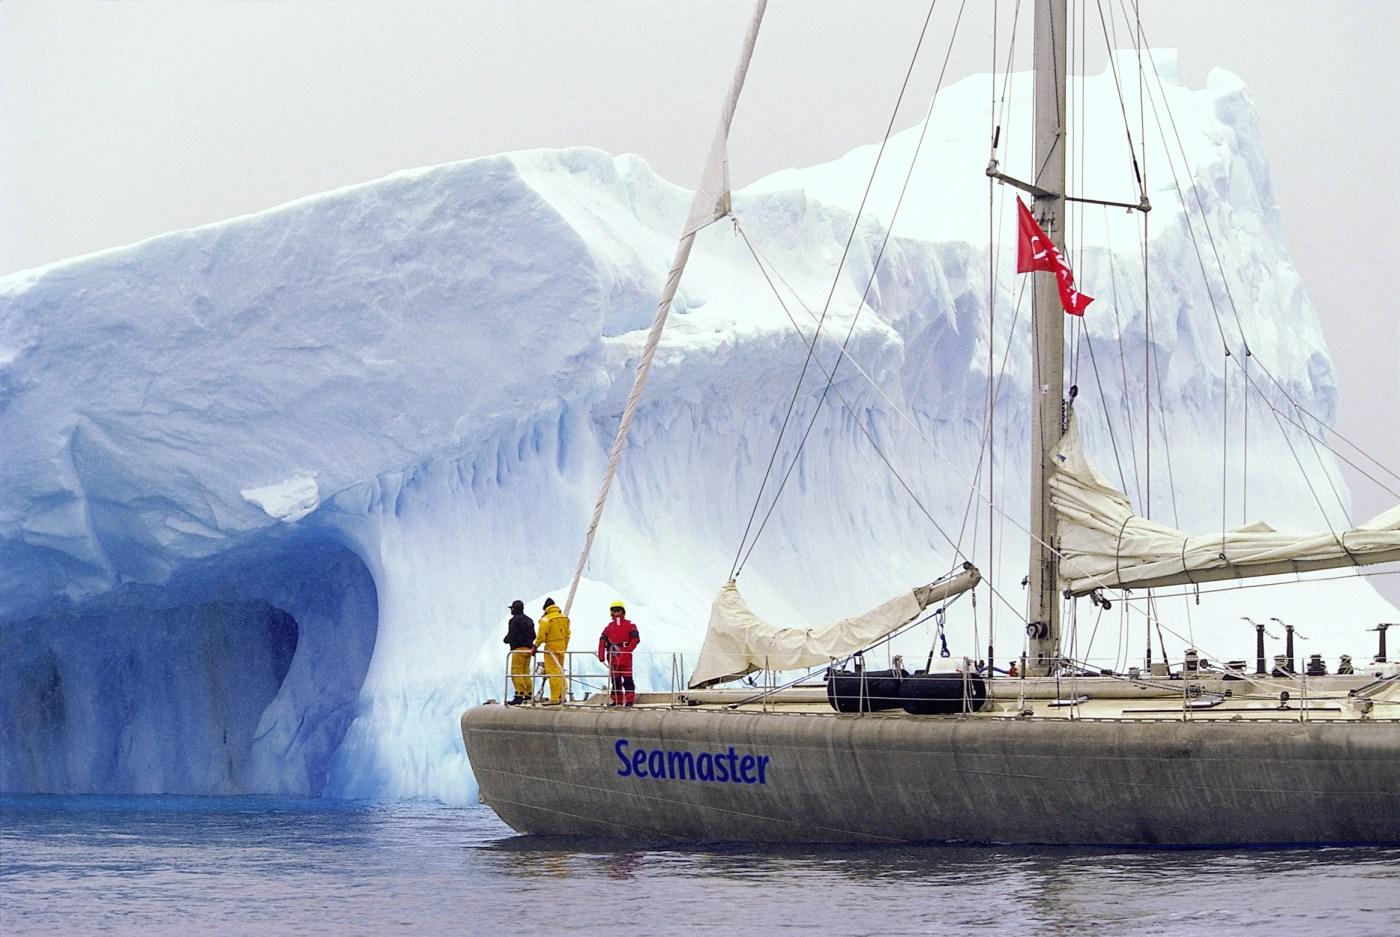 Peter Blake Seamaster ship